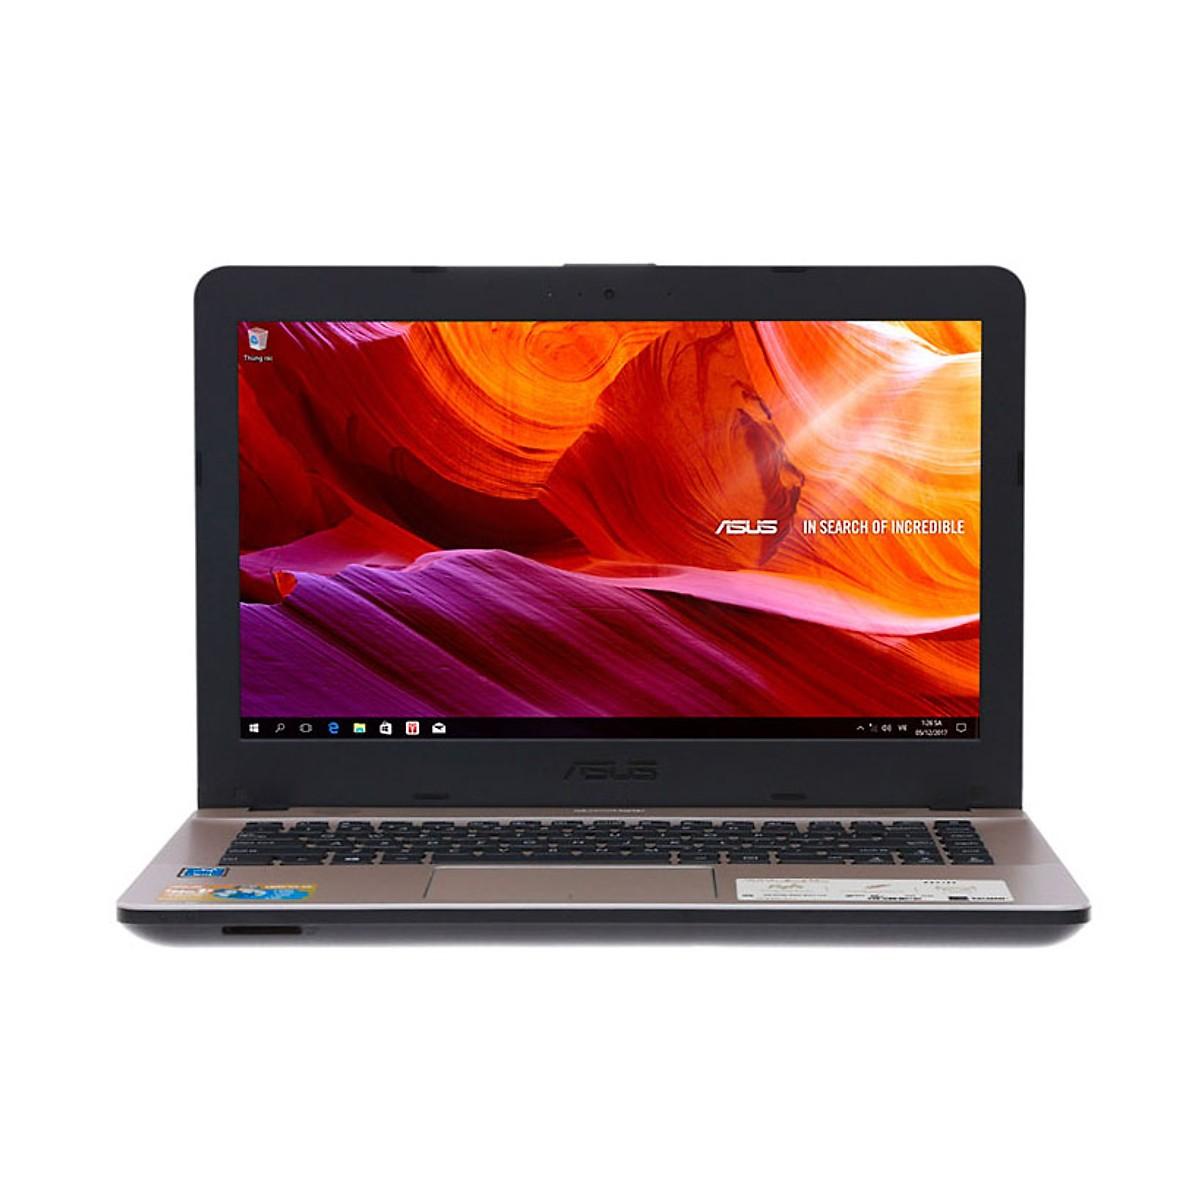 Asus   Máy tính xách tay - Laptop    Laptop ASUS X441MA-GA024T. Intel pentium N5000 (14inch) - Hàng